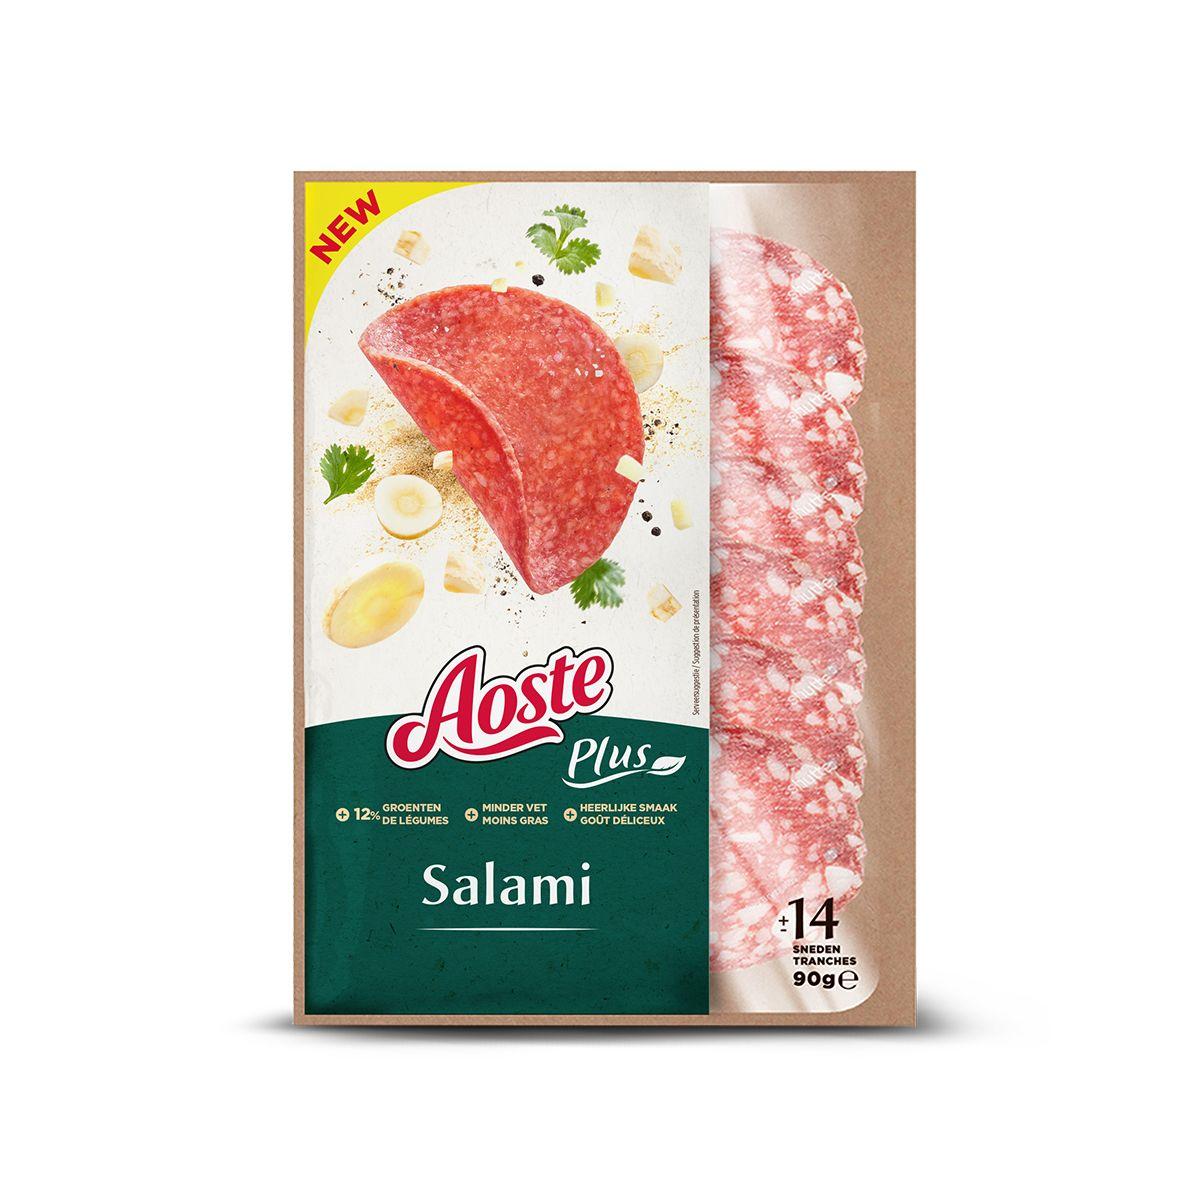 Aoste plus salami